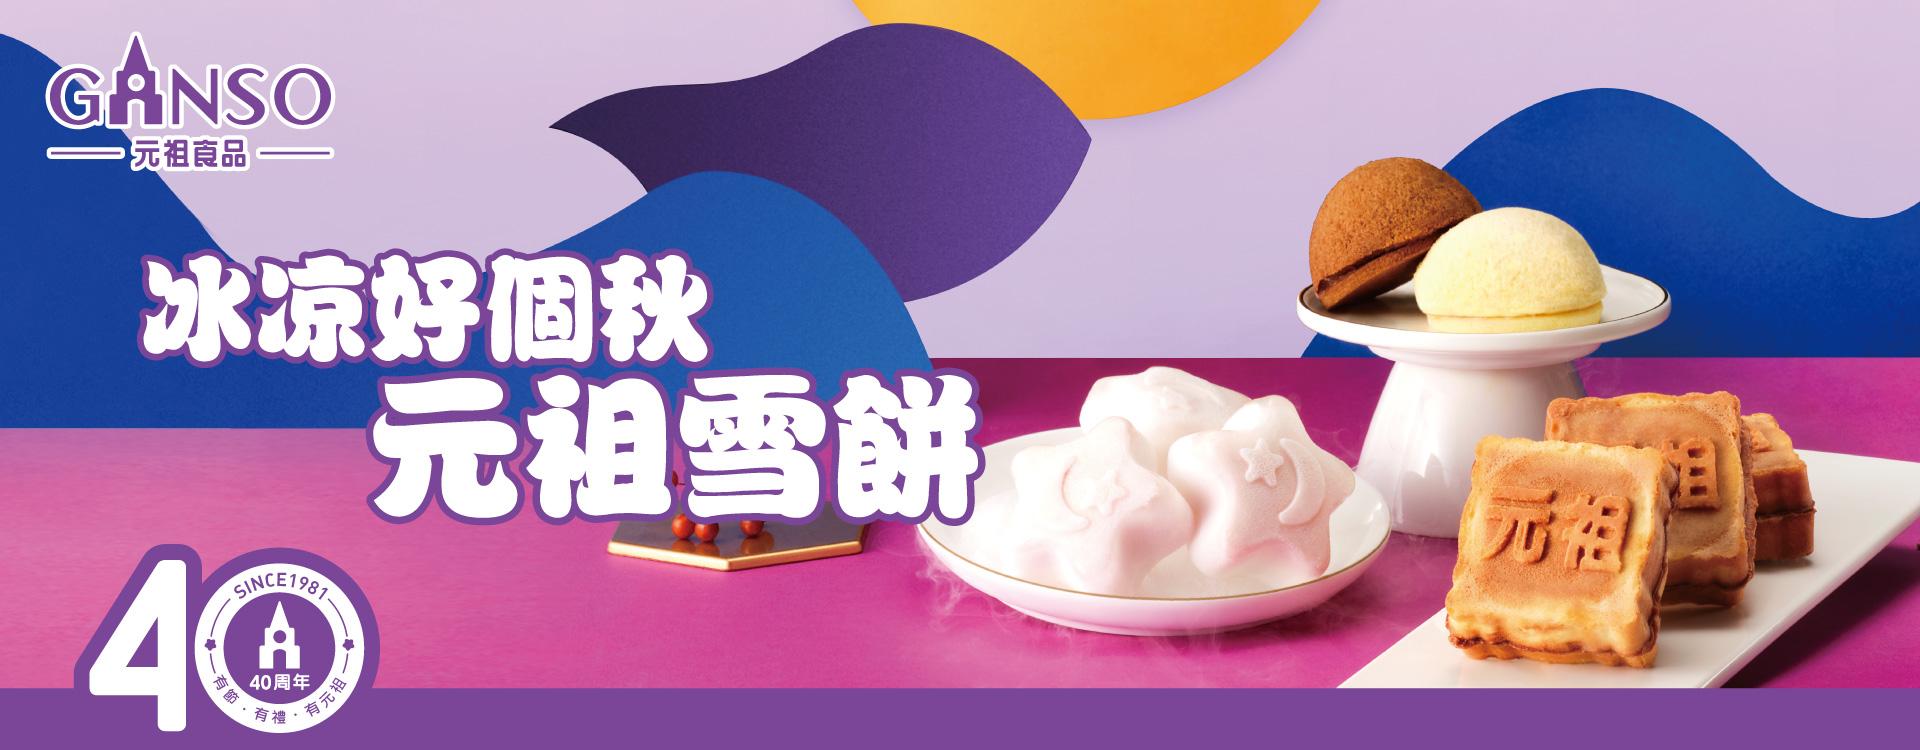 中秋雪餅禮盒